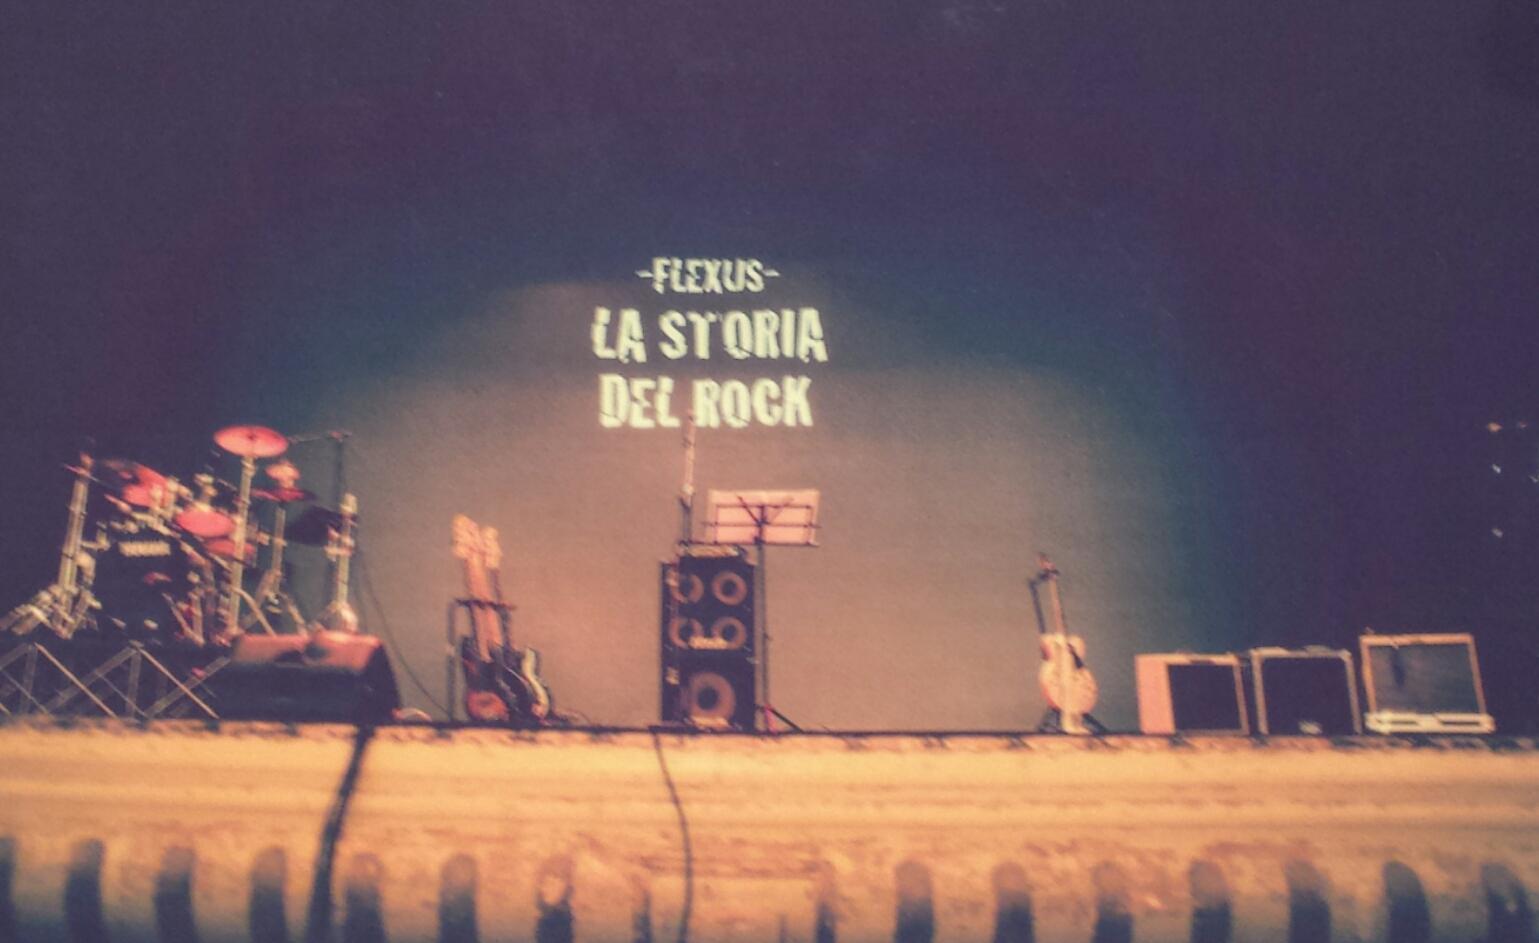 A Lezione di Rock - La Storia del Rock raccontata nelle scuole e a teatro dai Flexus... Daniele Brignone ci racconta...